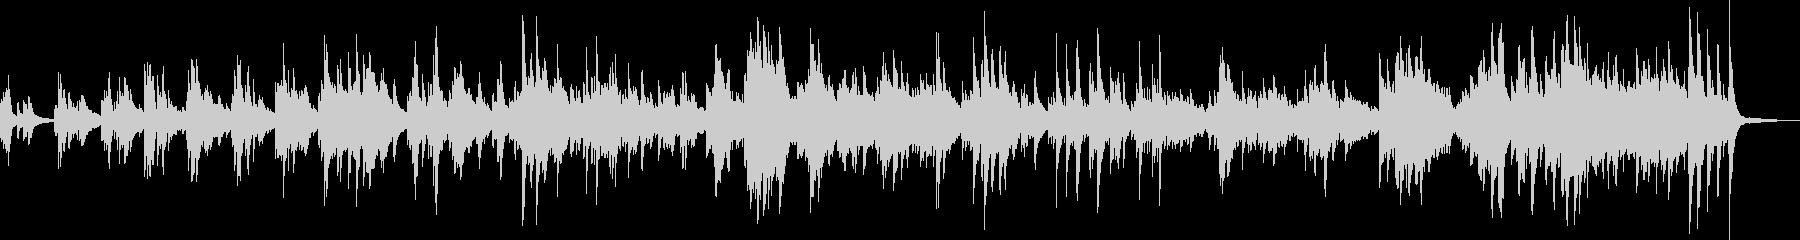 小さな幸せ(ピアノ・落ち着く・BGM)の未再生の波形